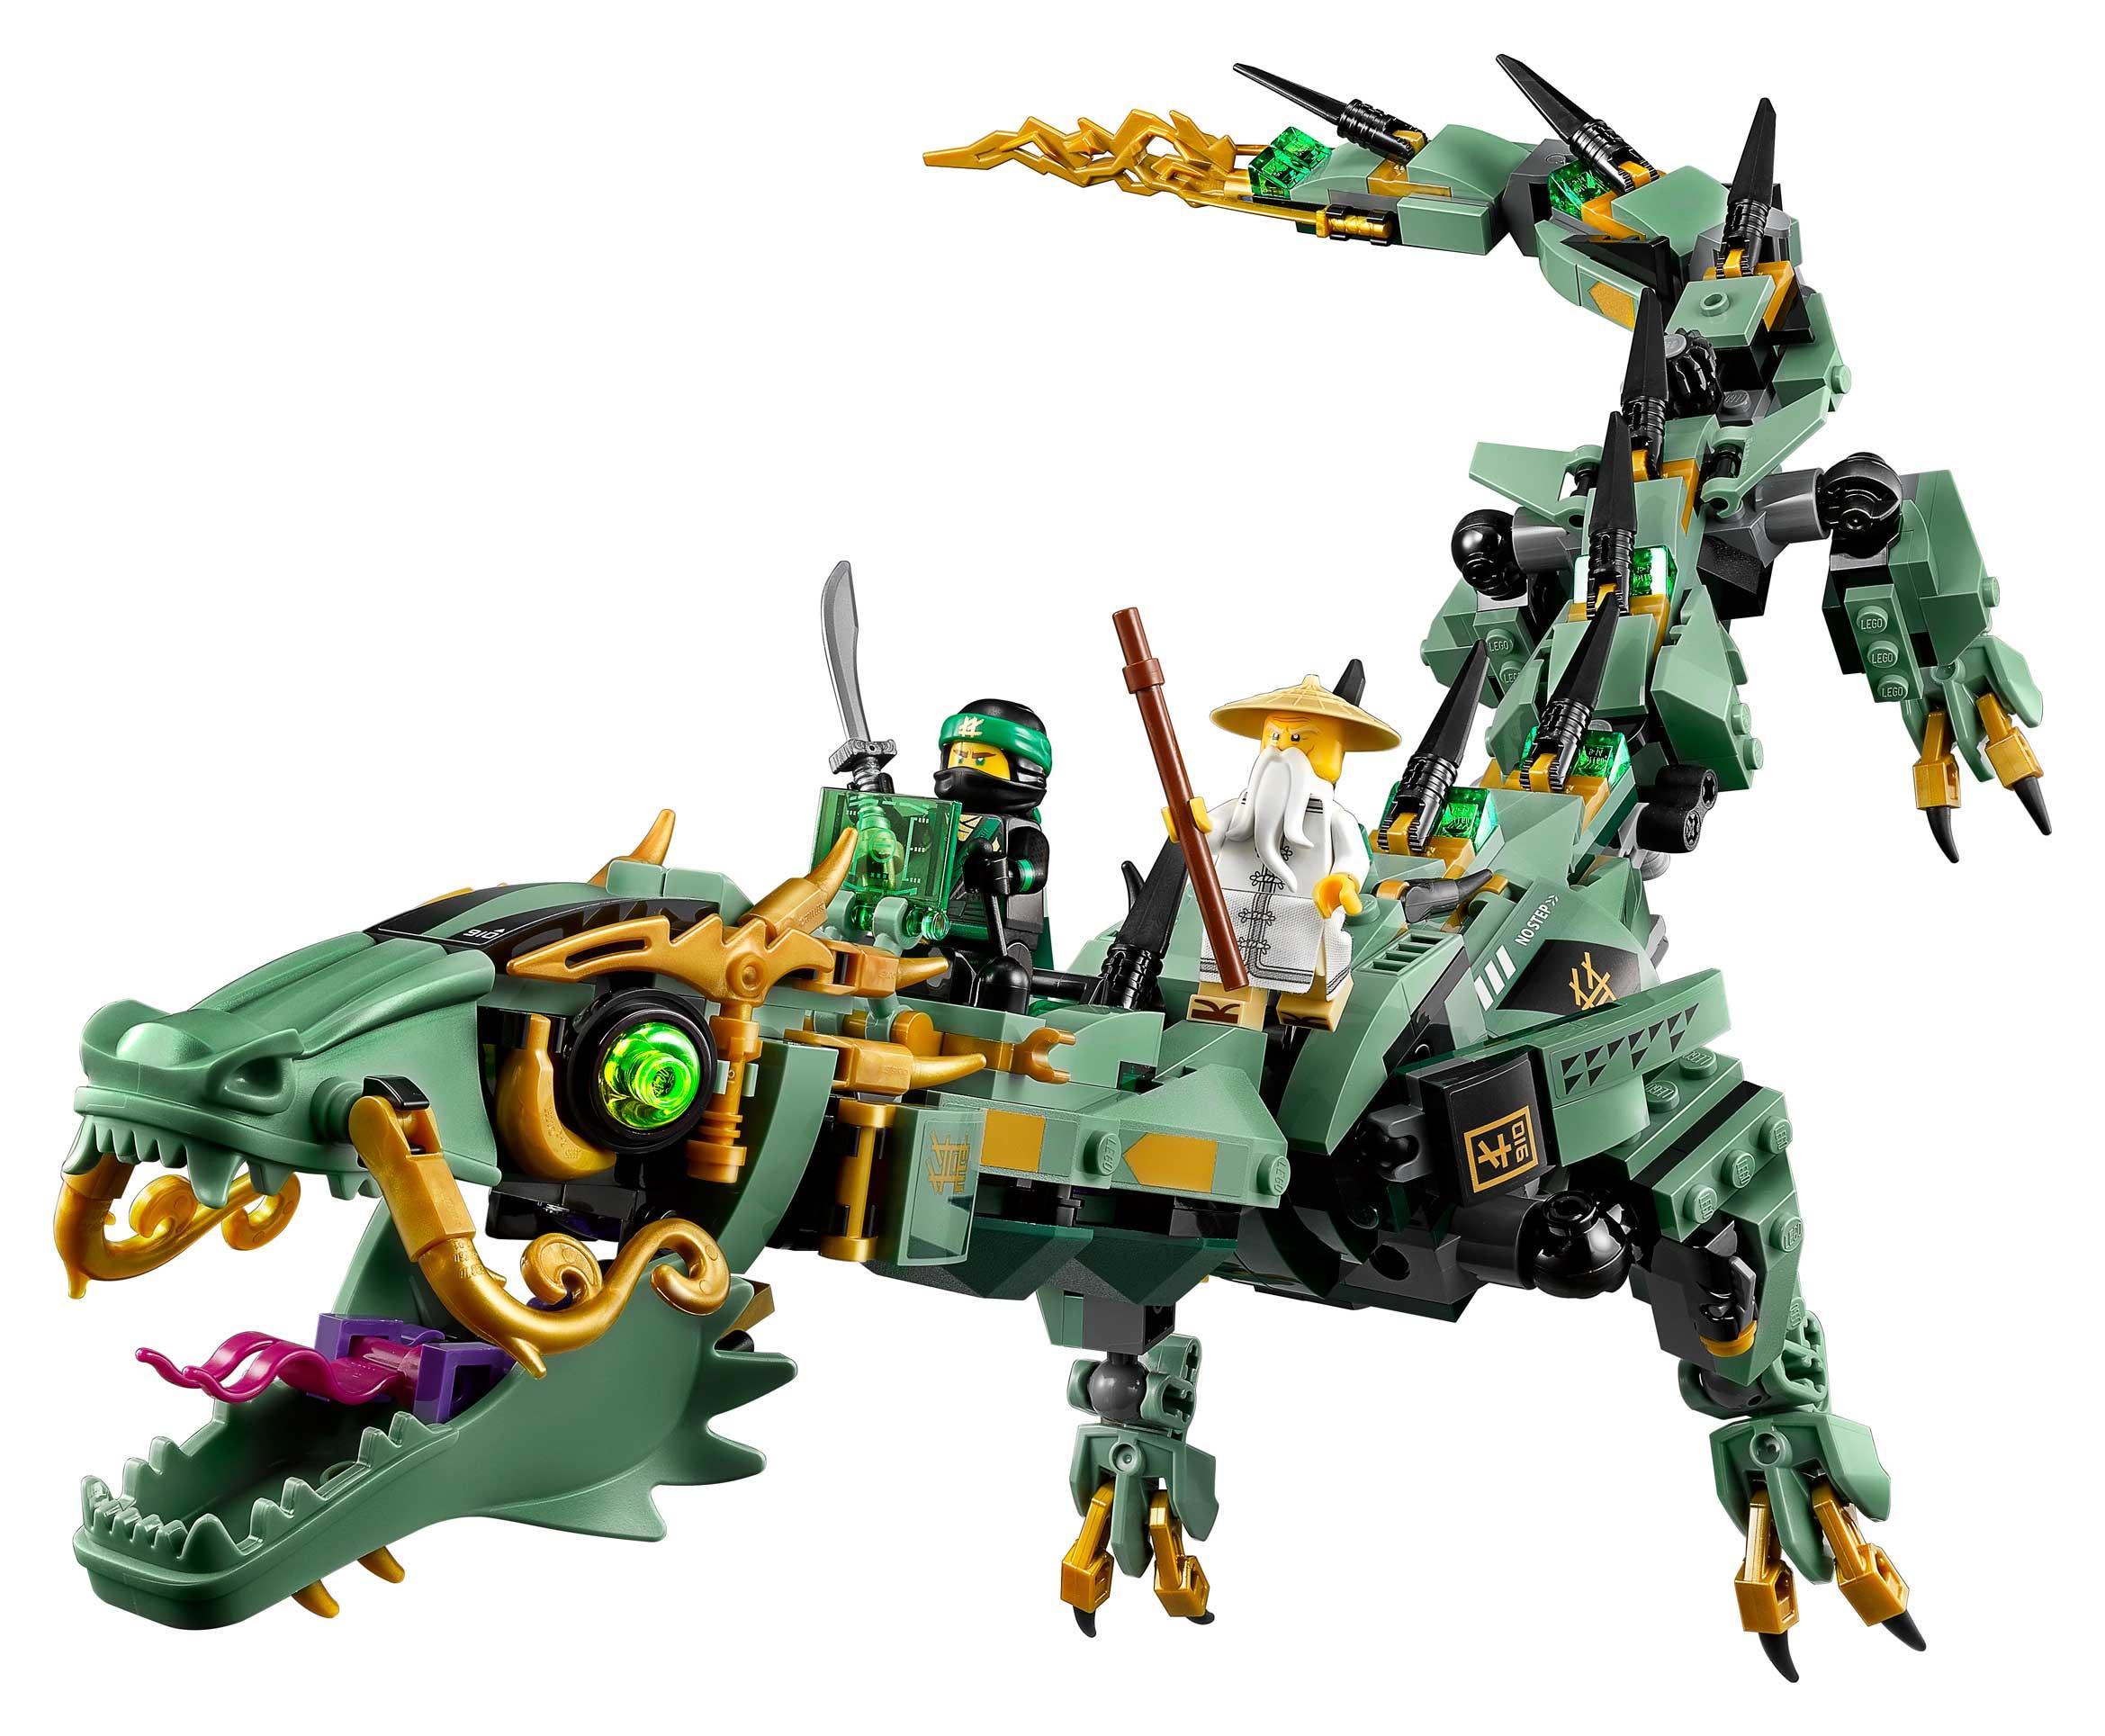 LEGO NINJAGO Movie sets and retailer exclusives | Brick Brains